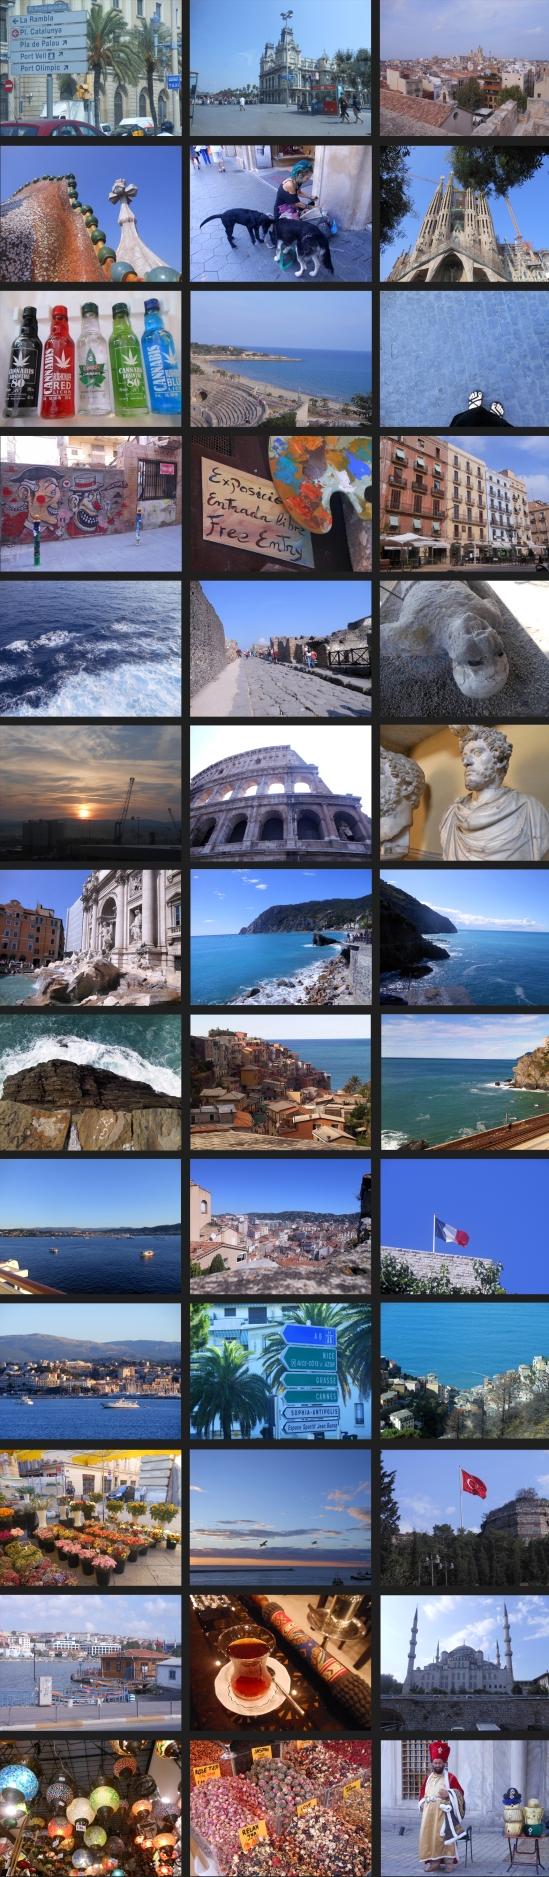 Europe 2012 For Blog2 280615 JPG